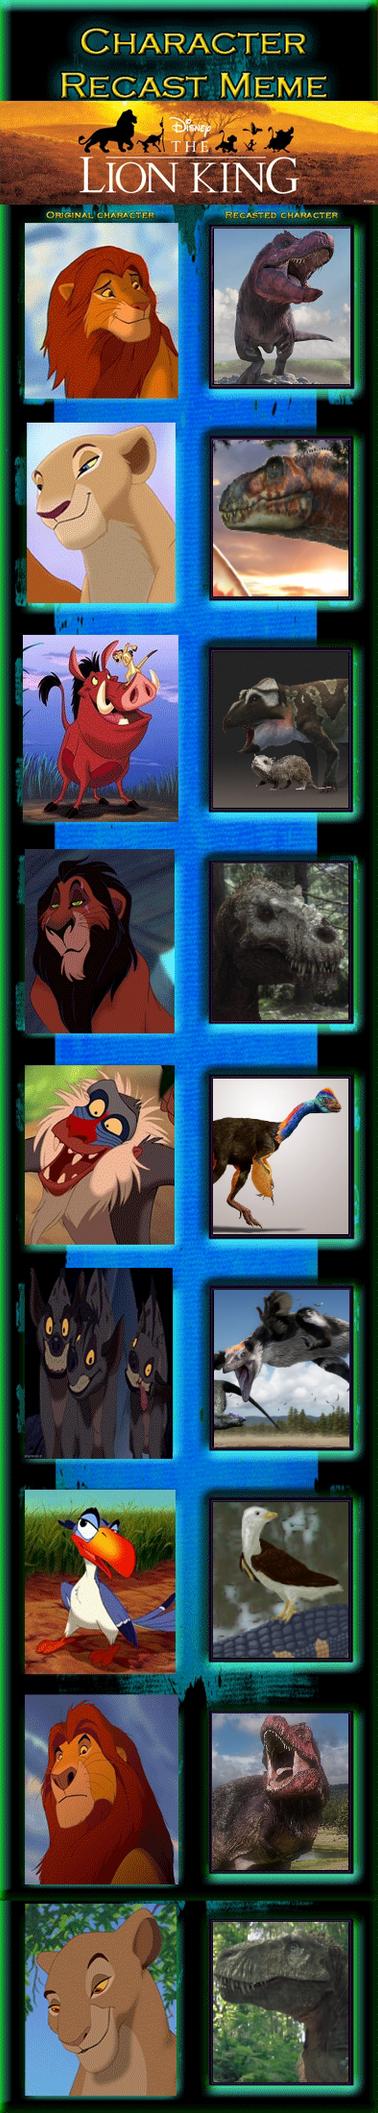 The Dinosaur King: Lion King Recast Meme by TrefRex